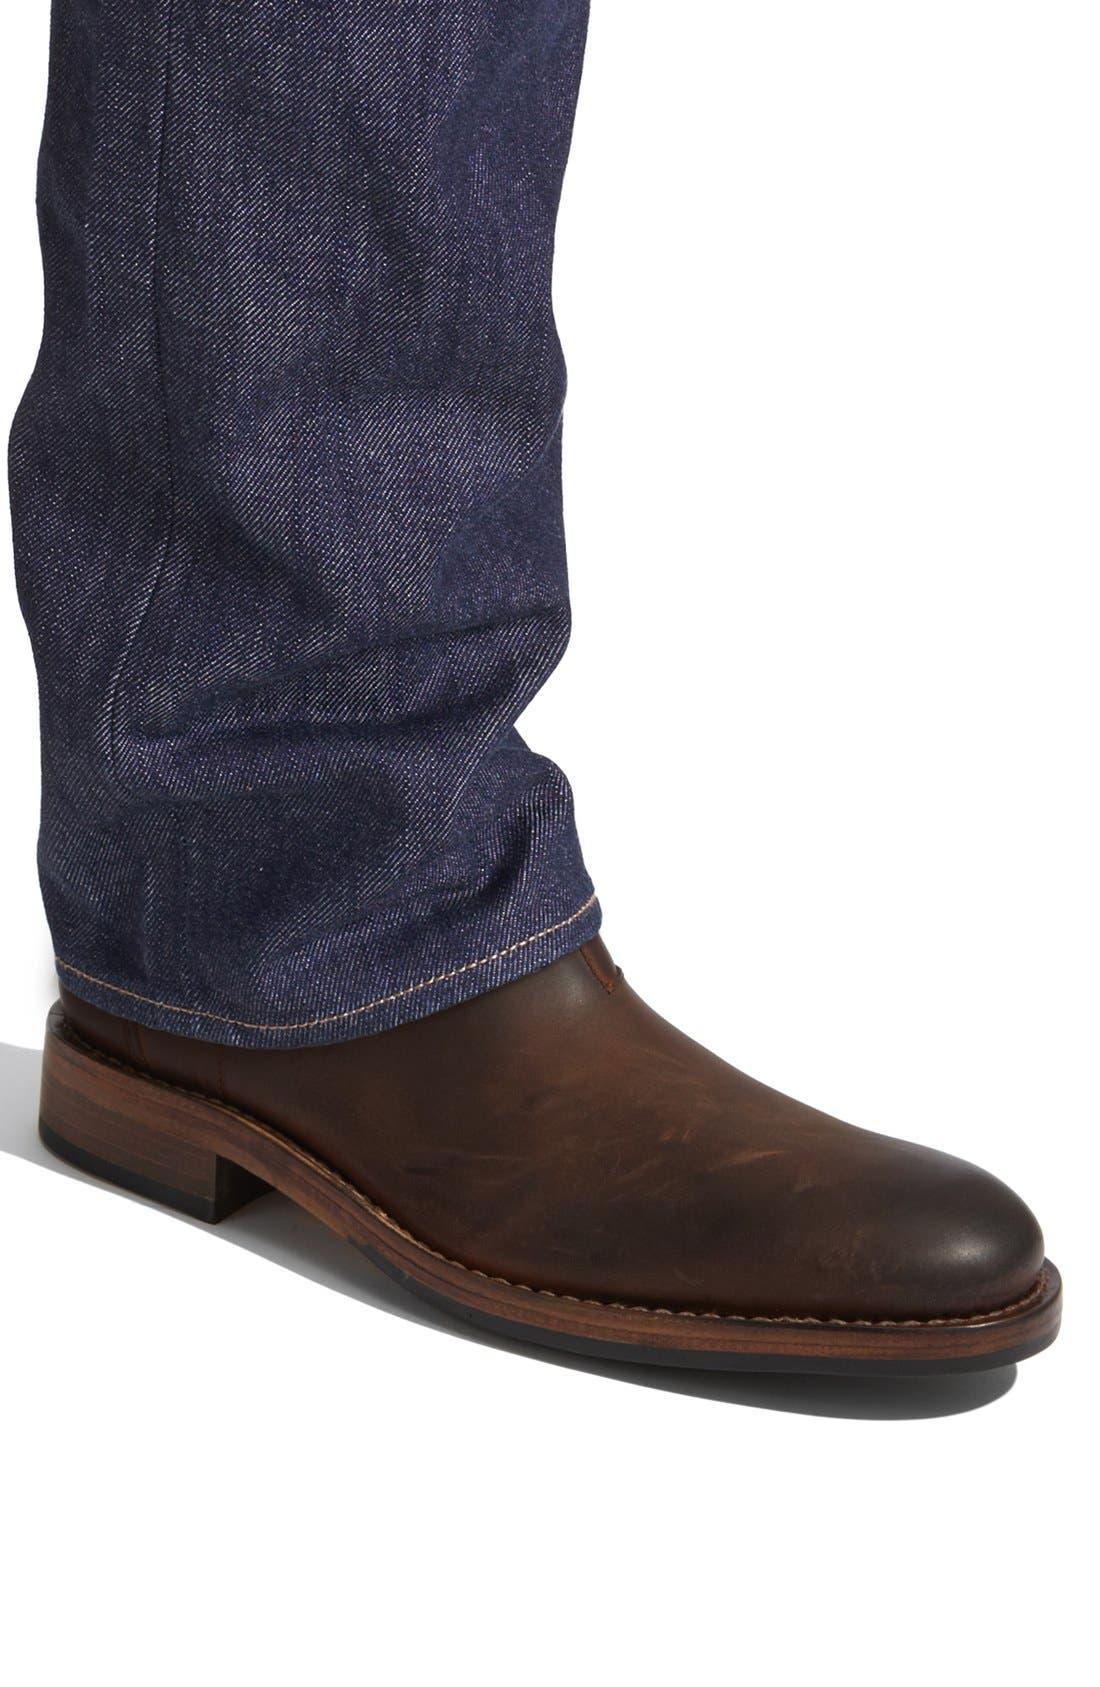 Montague Chelsea Boot,                             Alternate thumbnail 15, color,